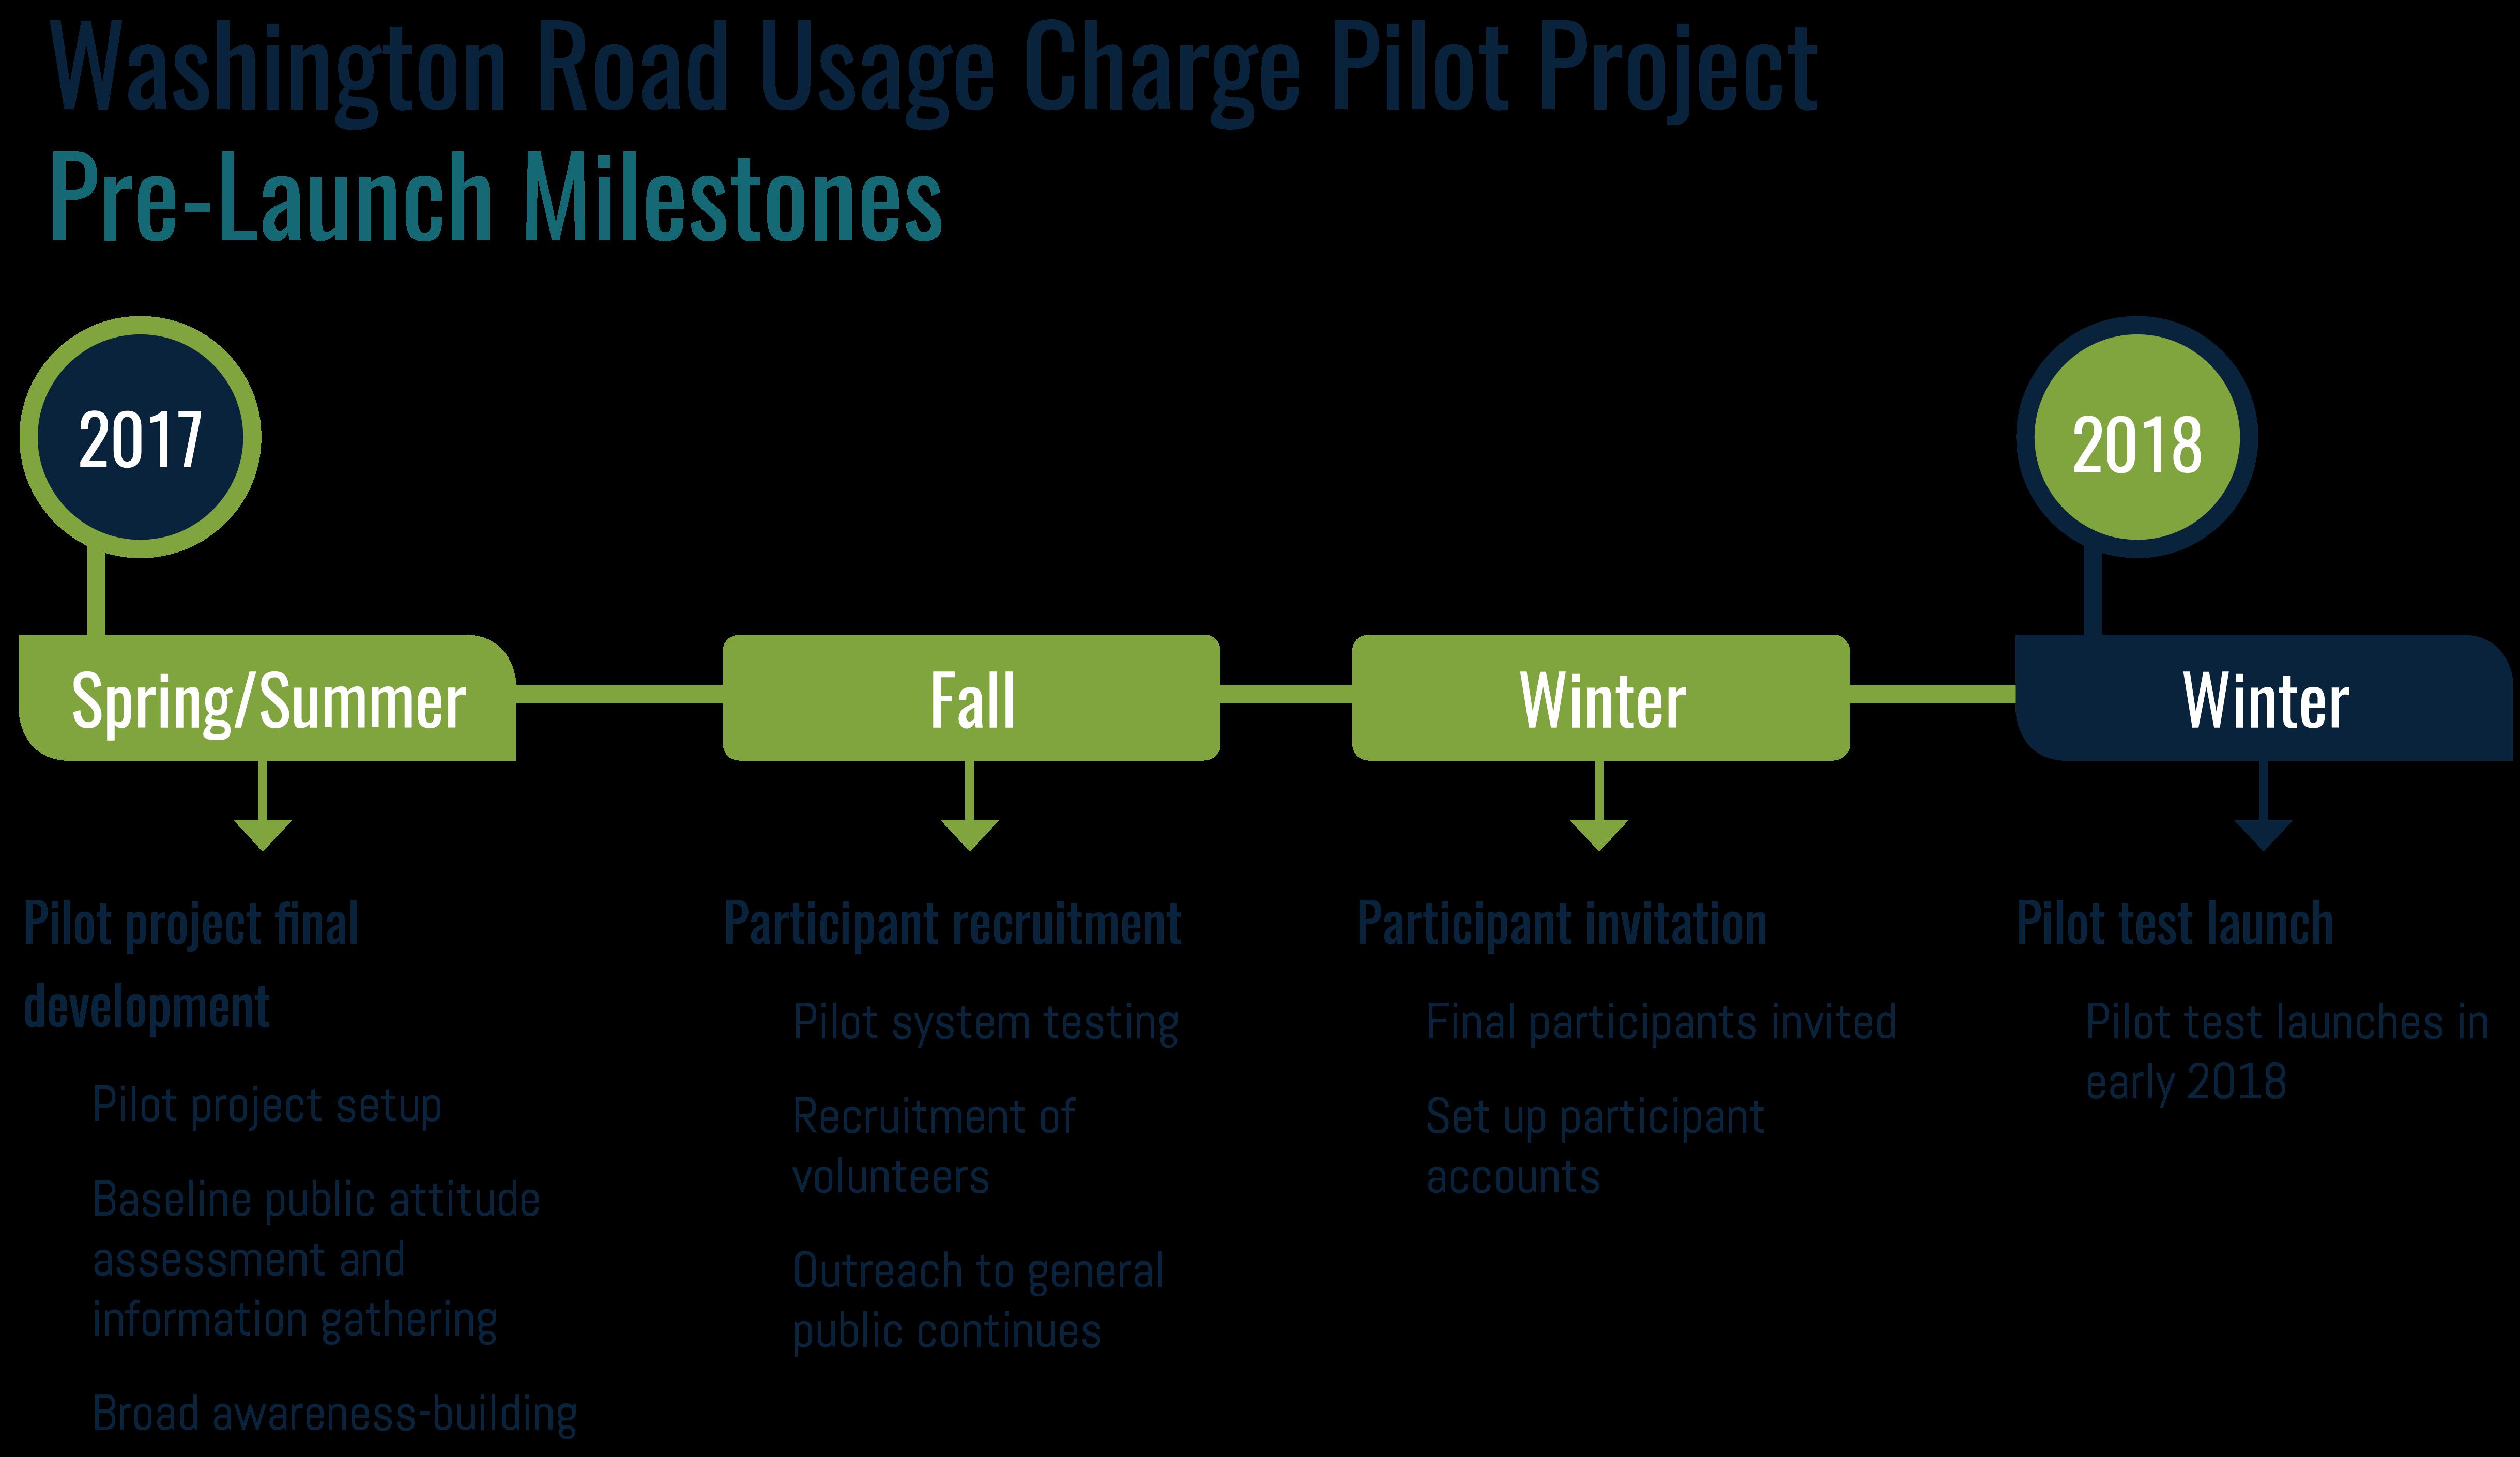 Pilot Project Schedule - Recruitment; Selection; Launch